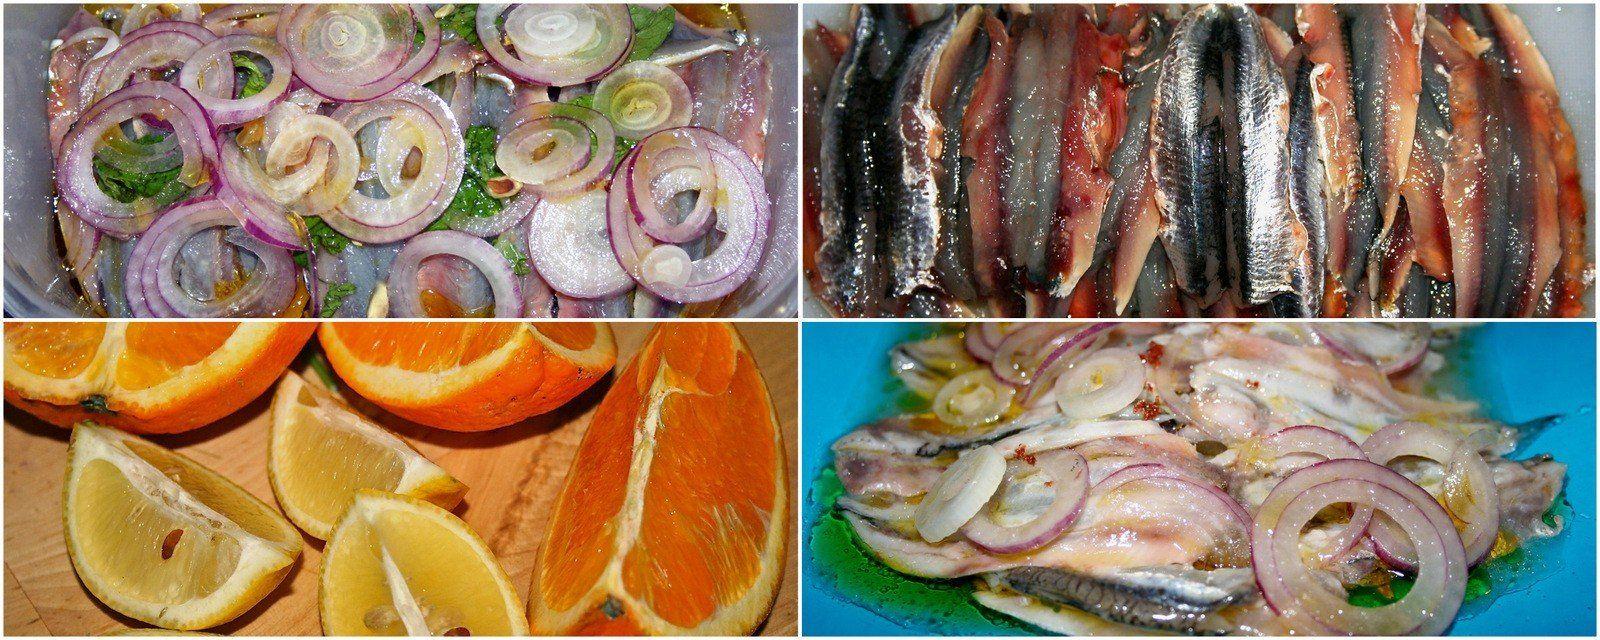 Ricette leggere: alici marinate con agrumi e cipolla rossa di tropea